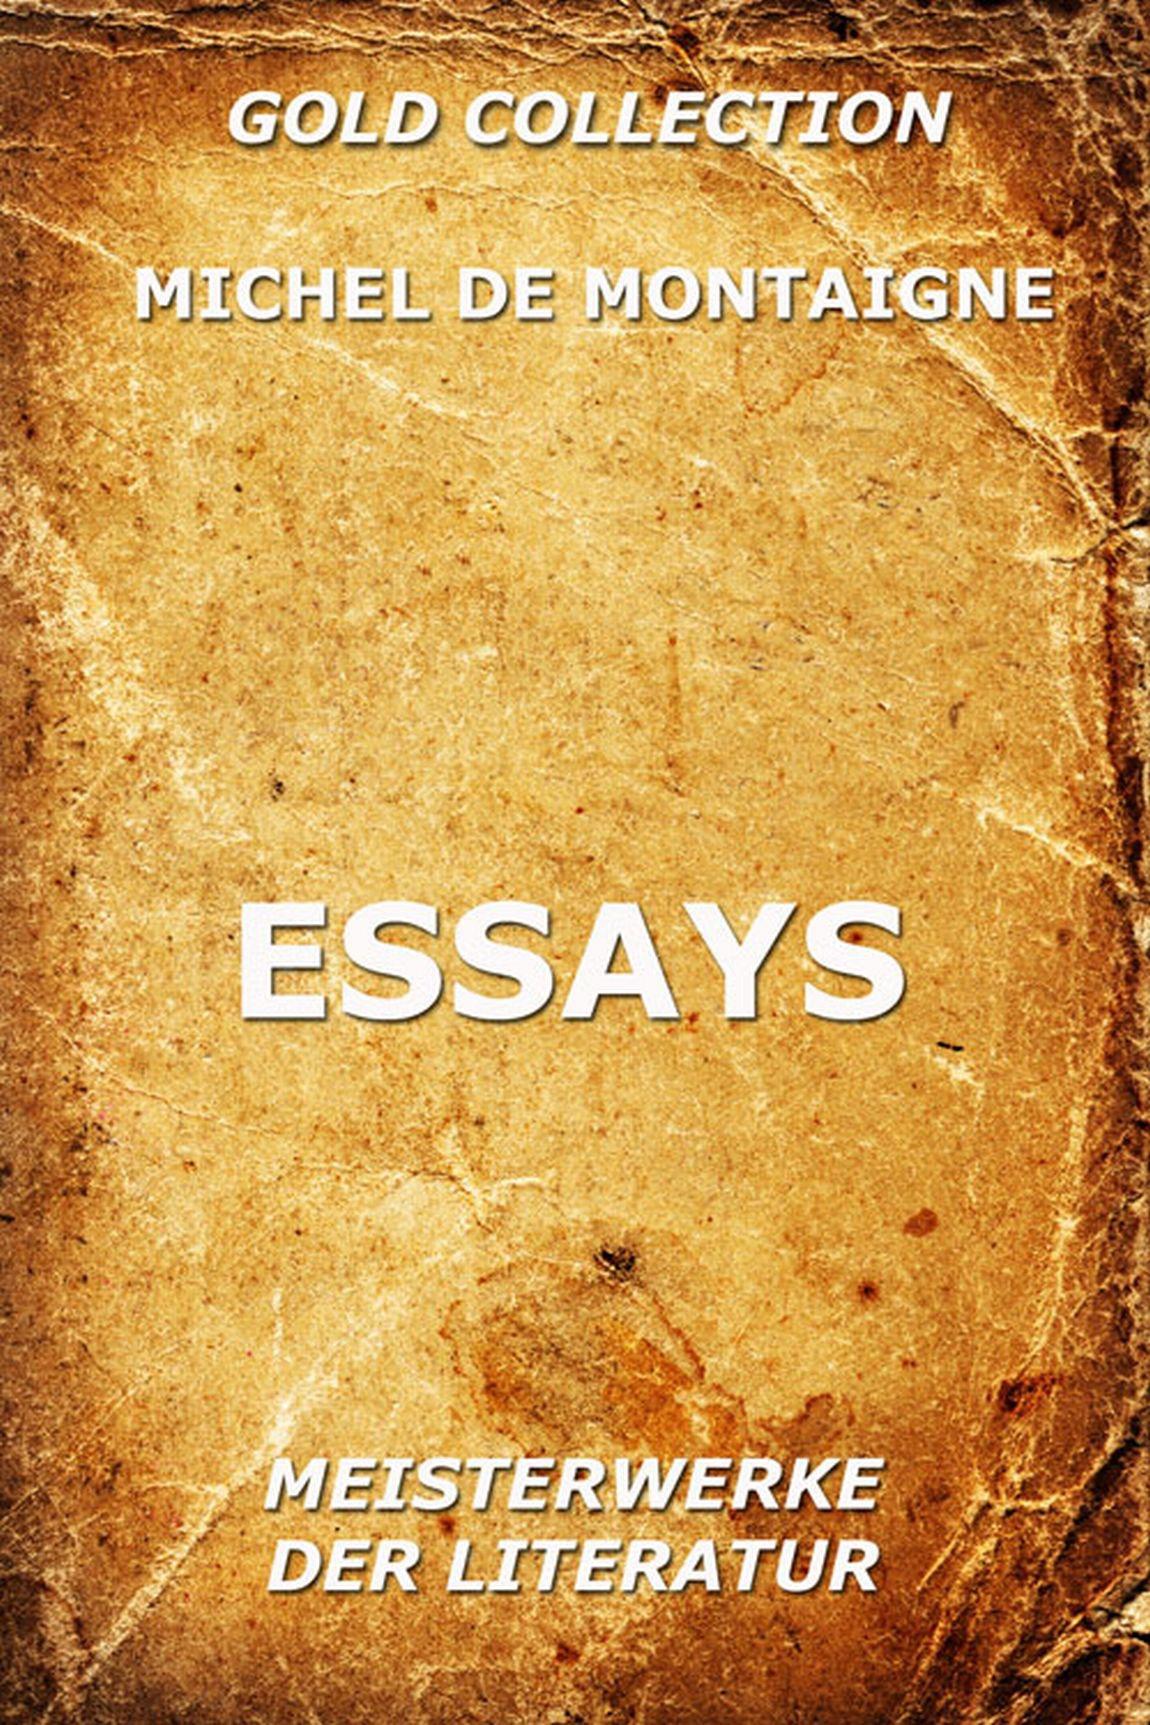 Michel de Montaigne Essays